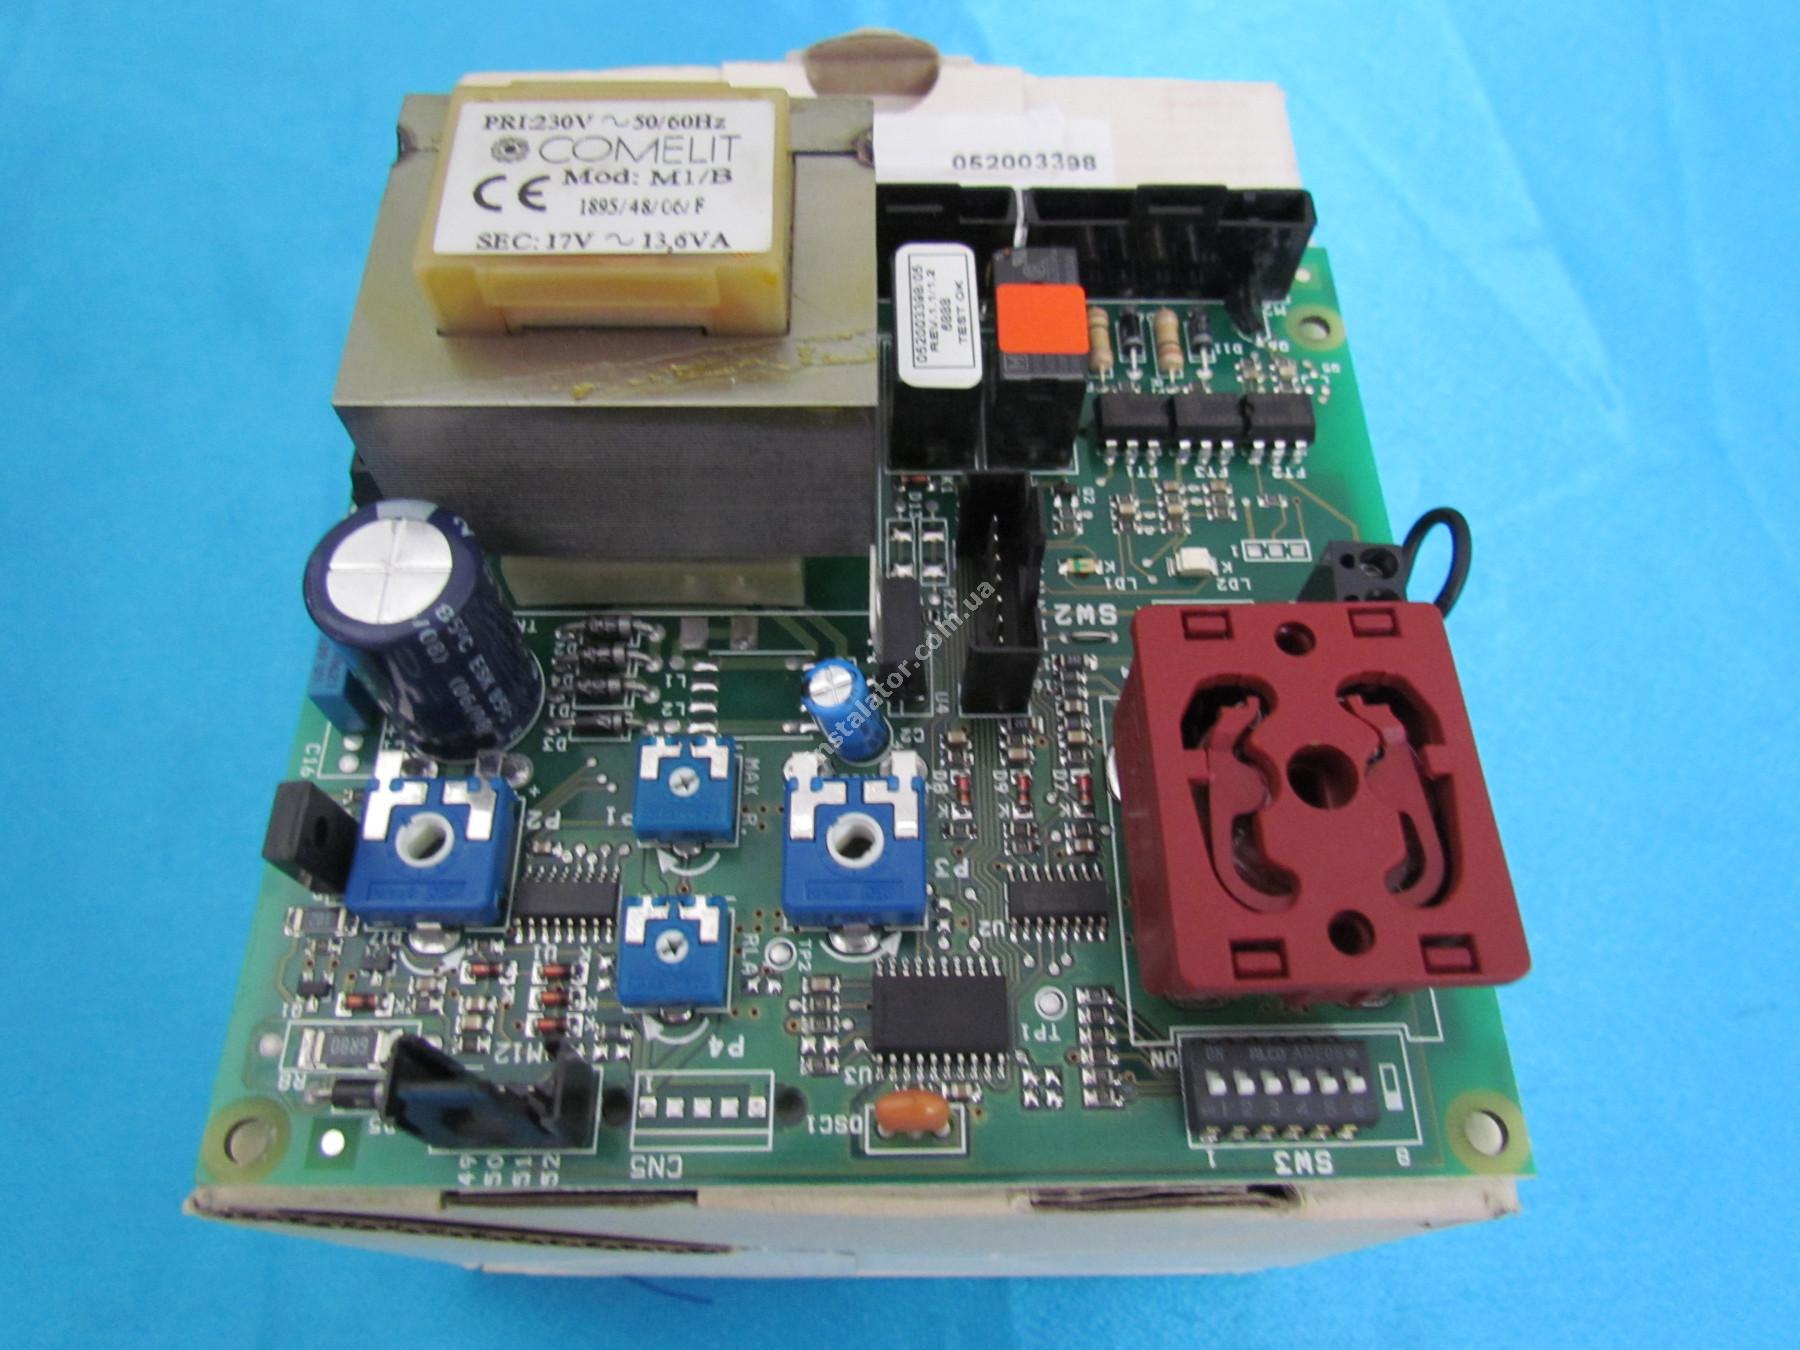 52003398 Плата електронна Hermann Super Micra full-image-2